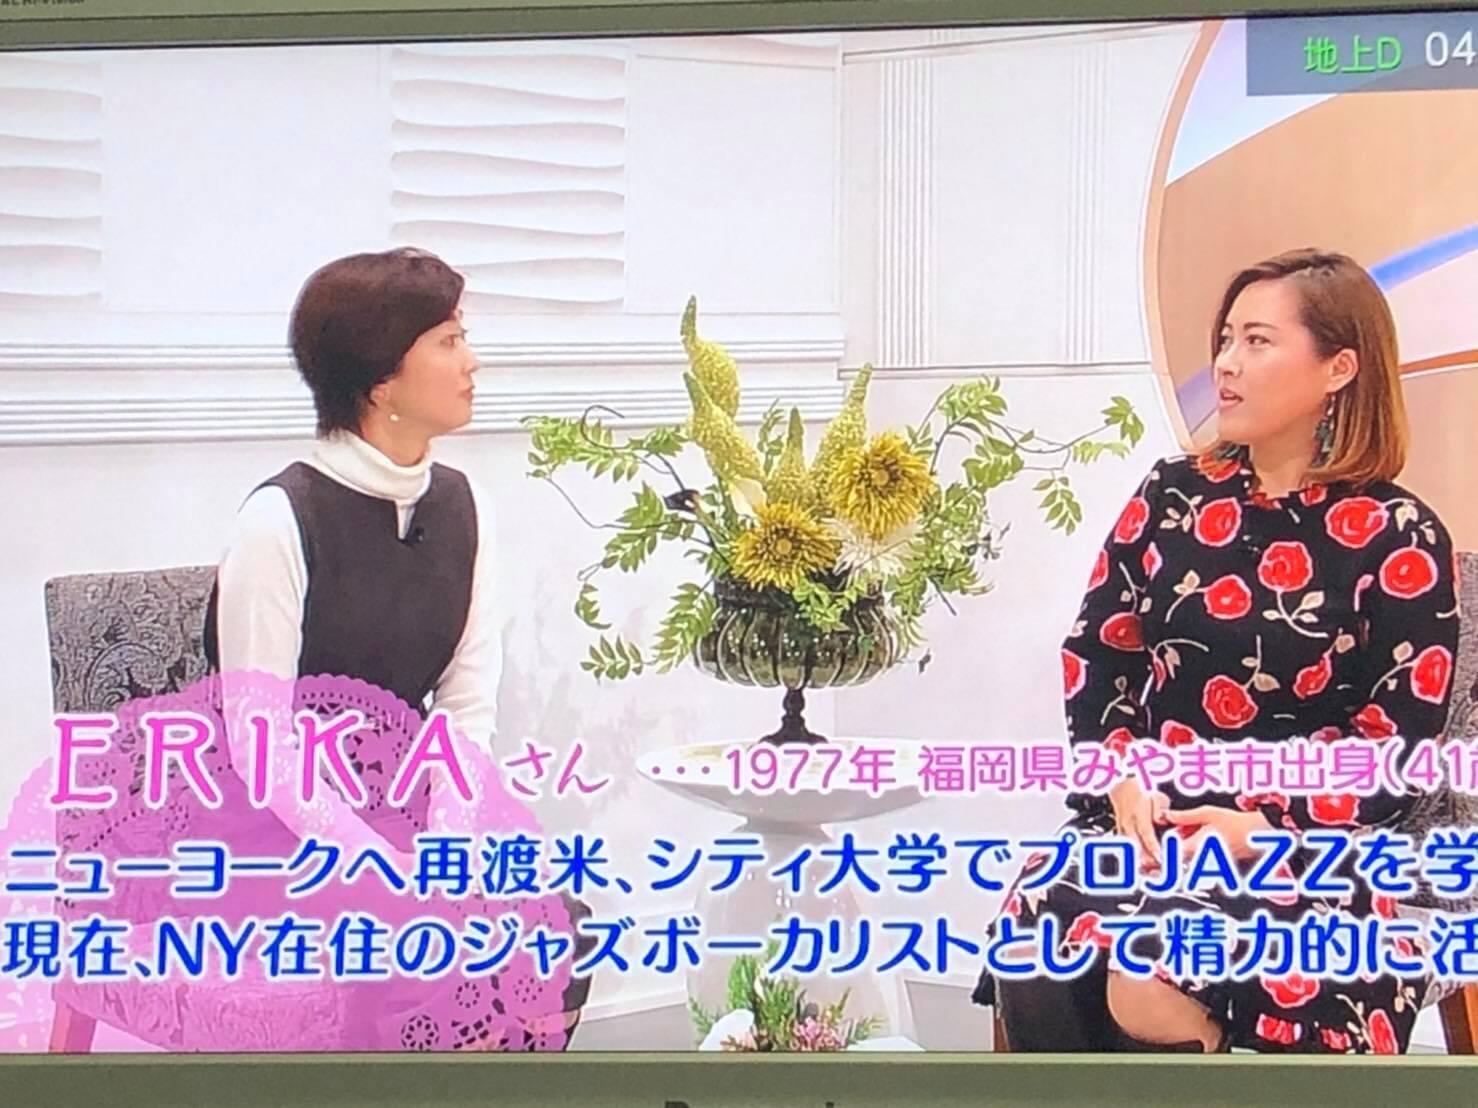 12月8日土曜にテレビRKB毎日放送 『池尻和佳子のトコワカ』に出演 RKB公式サイトかYou Tubeでみれます♪_a0150139_01461966.jpg